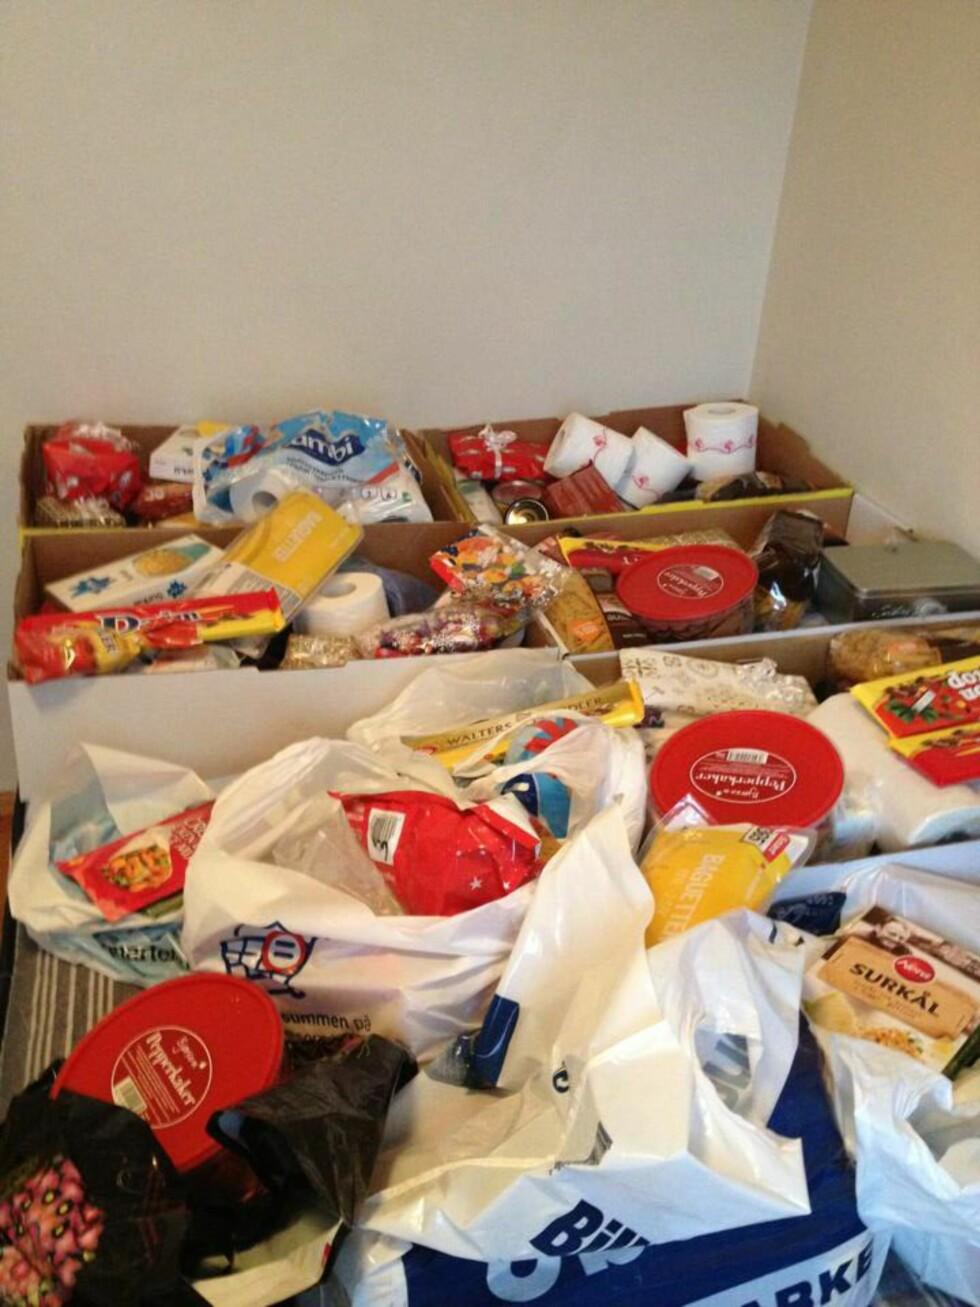 GJØR GODT: Et sekstitalls esker med julemat ble delt ut rusavhengige, mat og gaver ble delt ut til 150 familier. Ellens arbeid gjør godt for mange.  Foto: PRIVAT